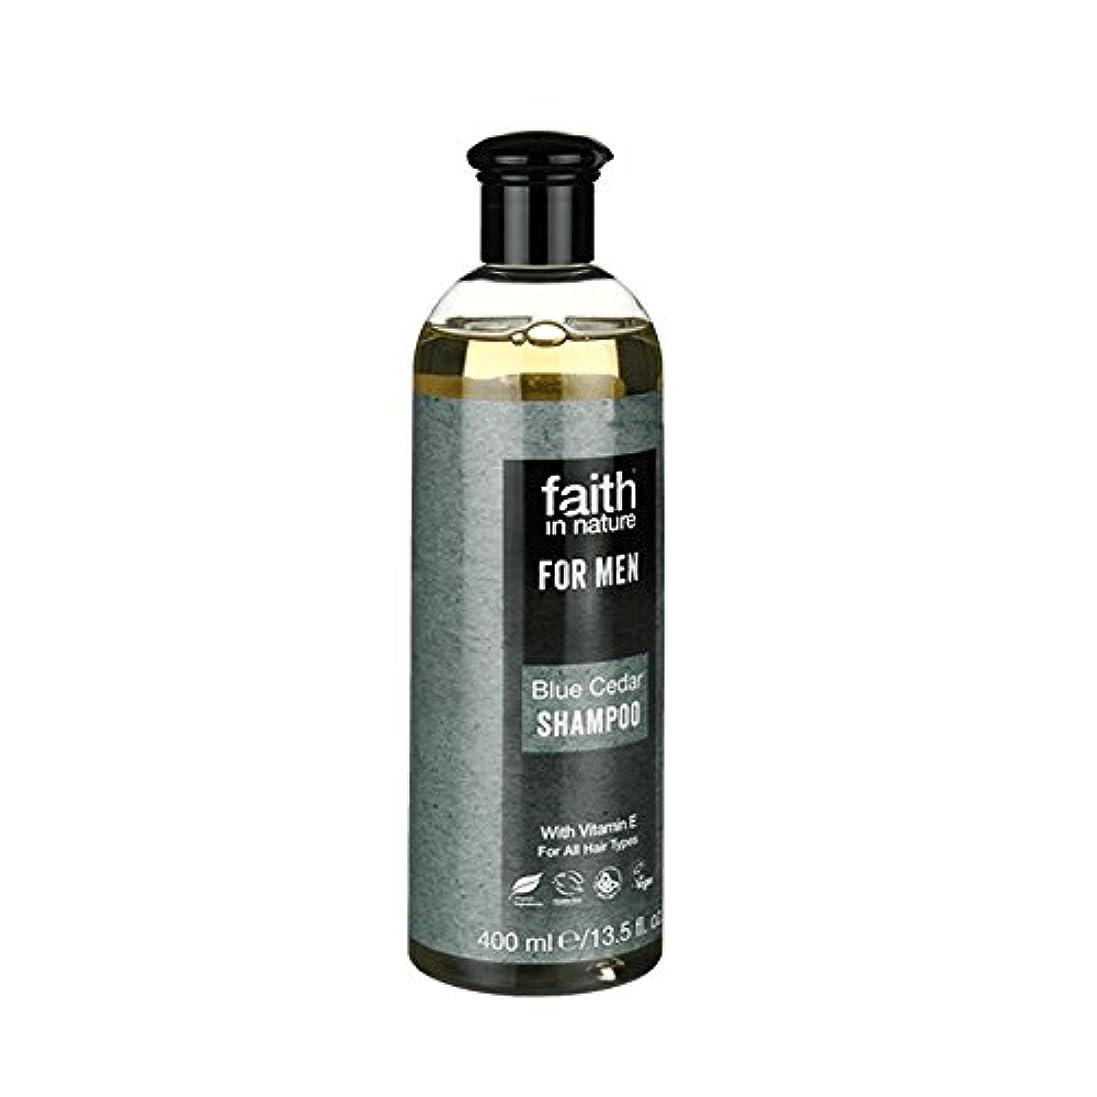 持ってるスカート等しいFaith in Nature for Men Blue Cedar Shampoo 400ml (Pack of 6) - 男性青杉のシャンプー400ミリリットルのための自然の中で信仰 (x6) [並行輸入品]